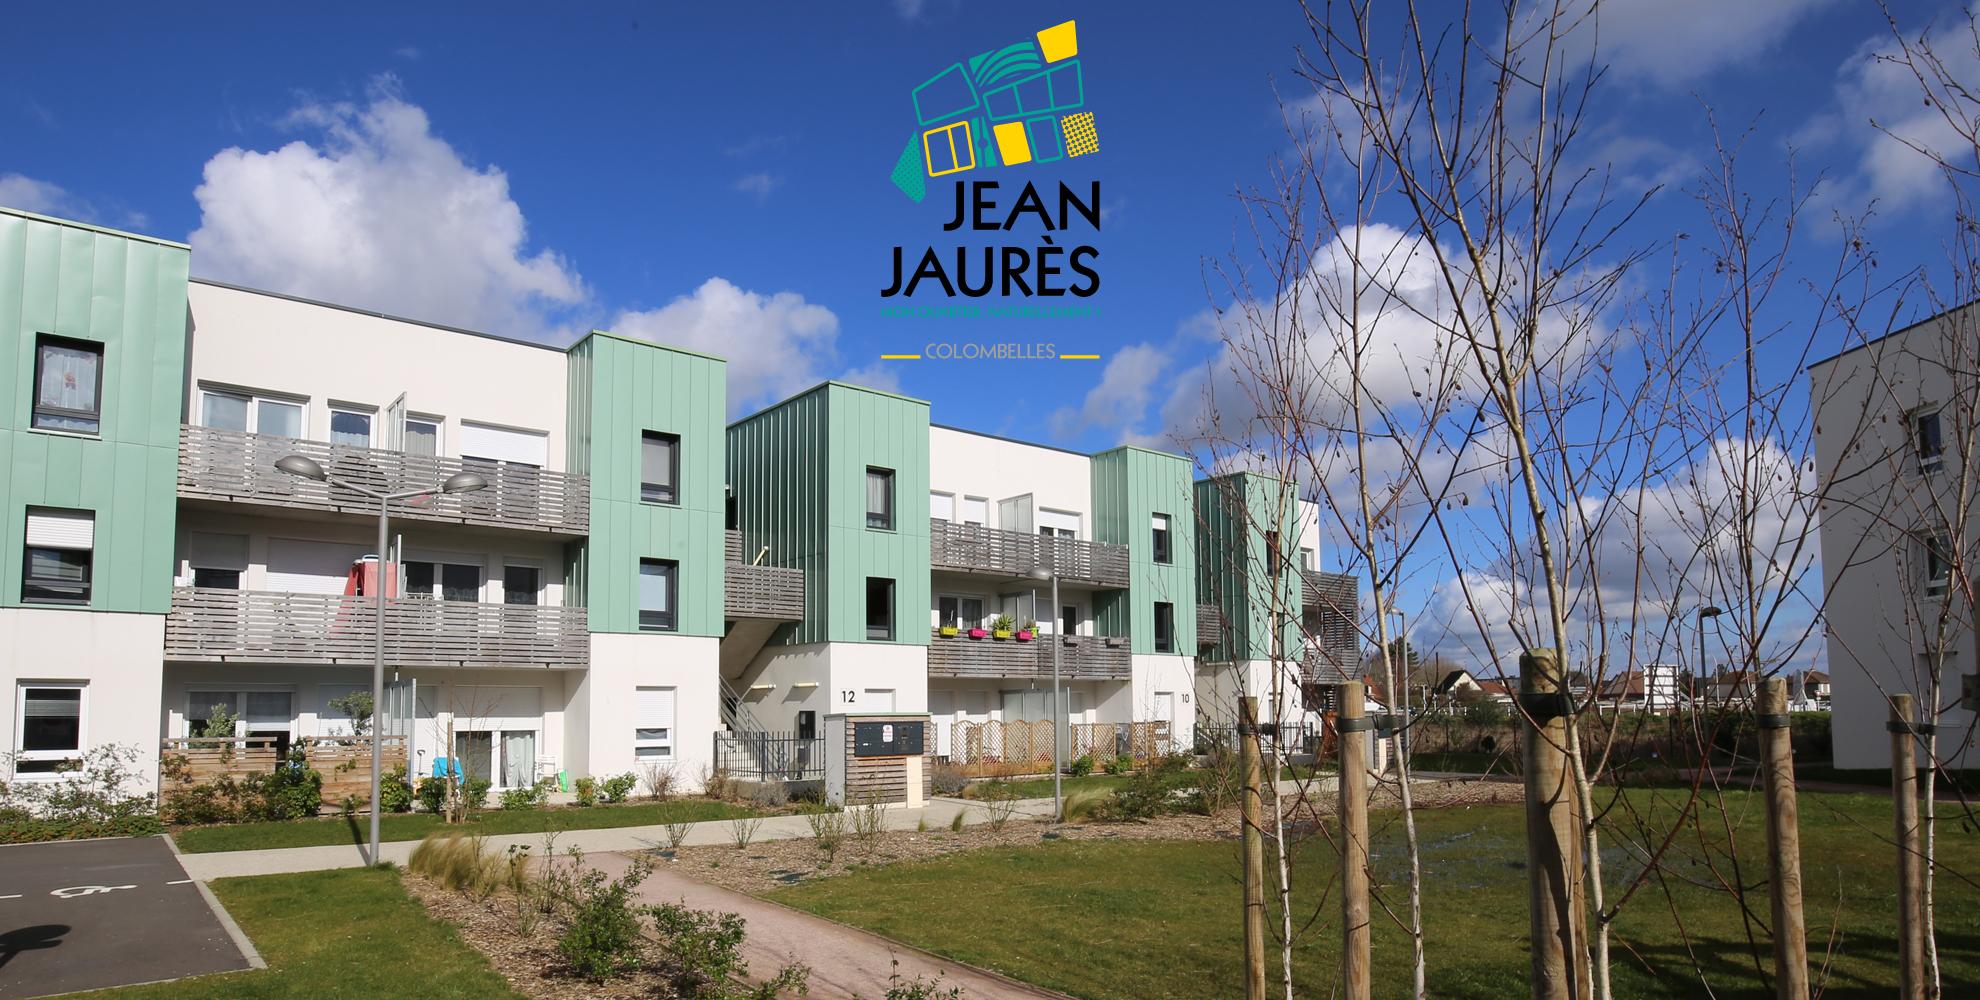 Jean-jaures-Colombelles